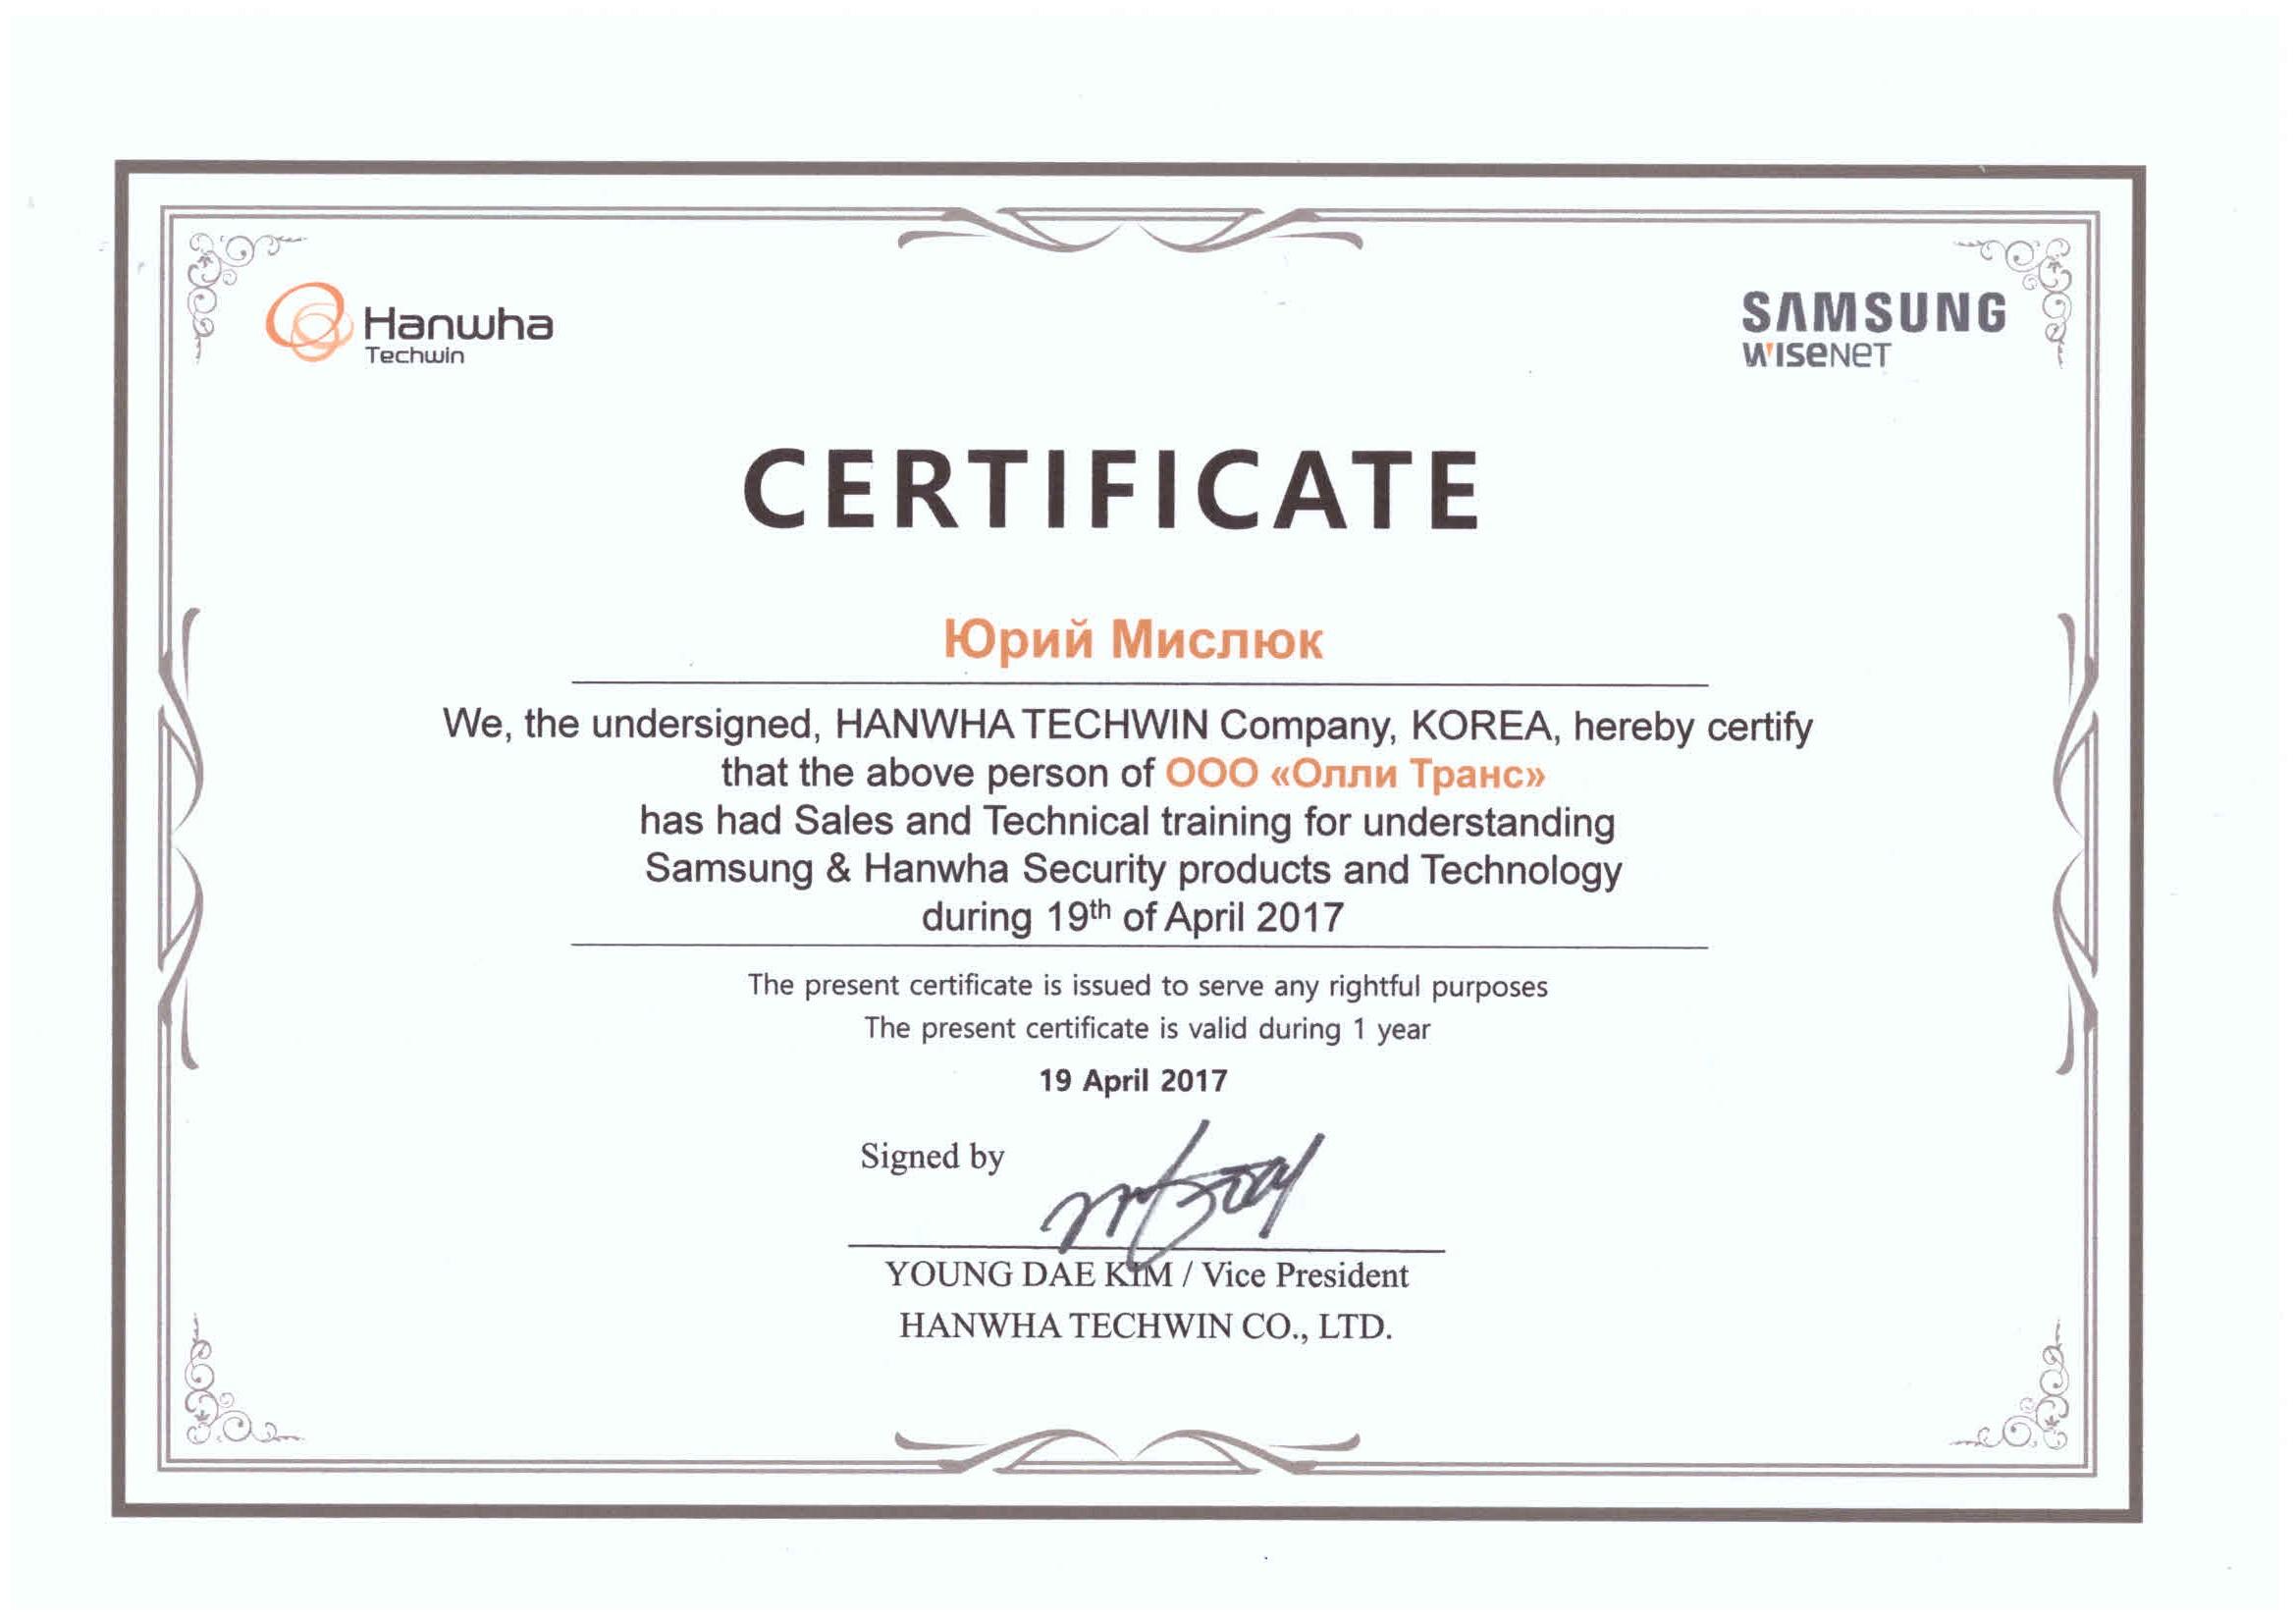 Фото Сертификат Samsung, подтверждающий прохождение обучающей программы от южнокорейского производителя систем безопасности Hanwha Techwin (Samsung WiseNet)